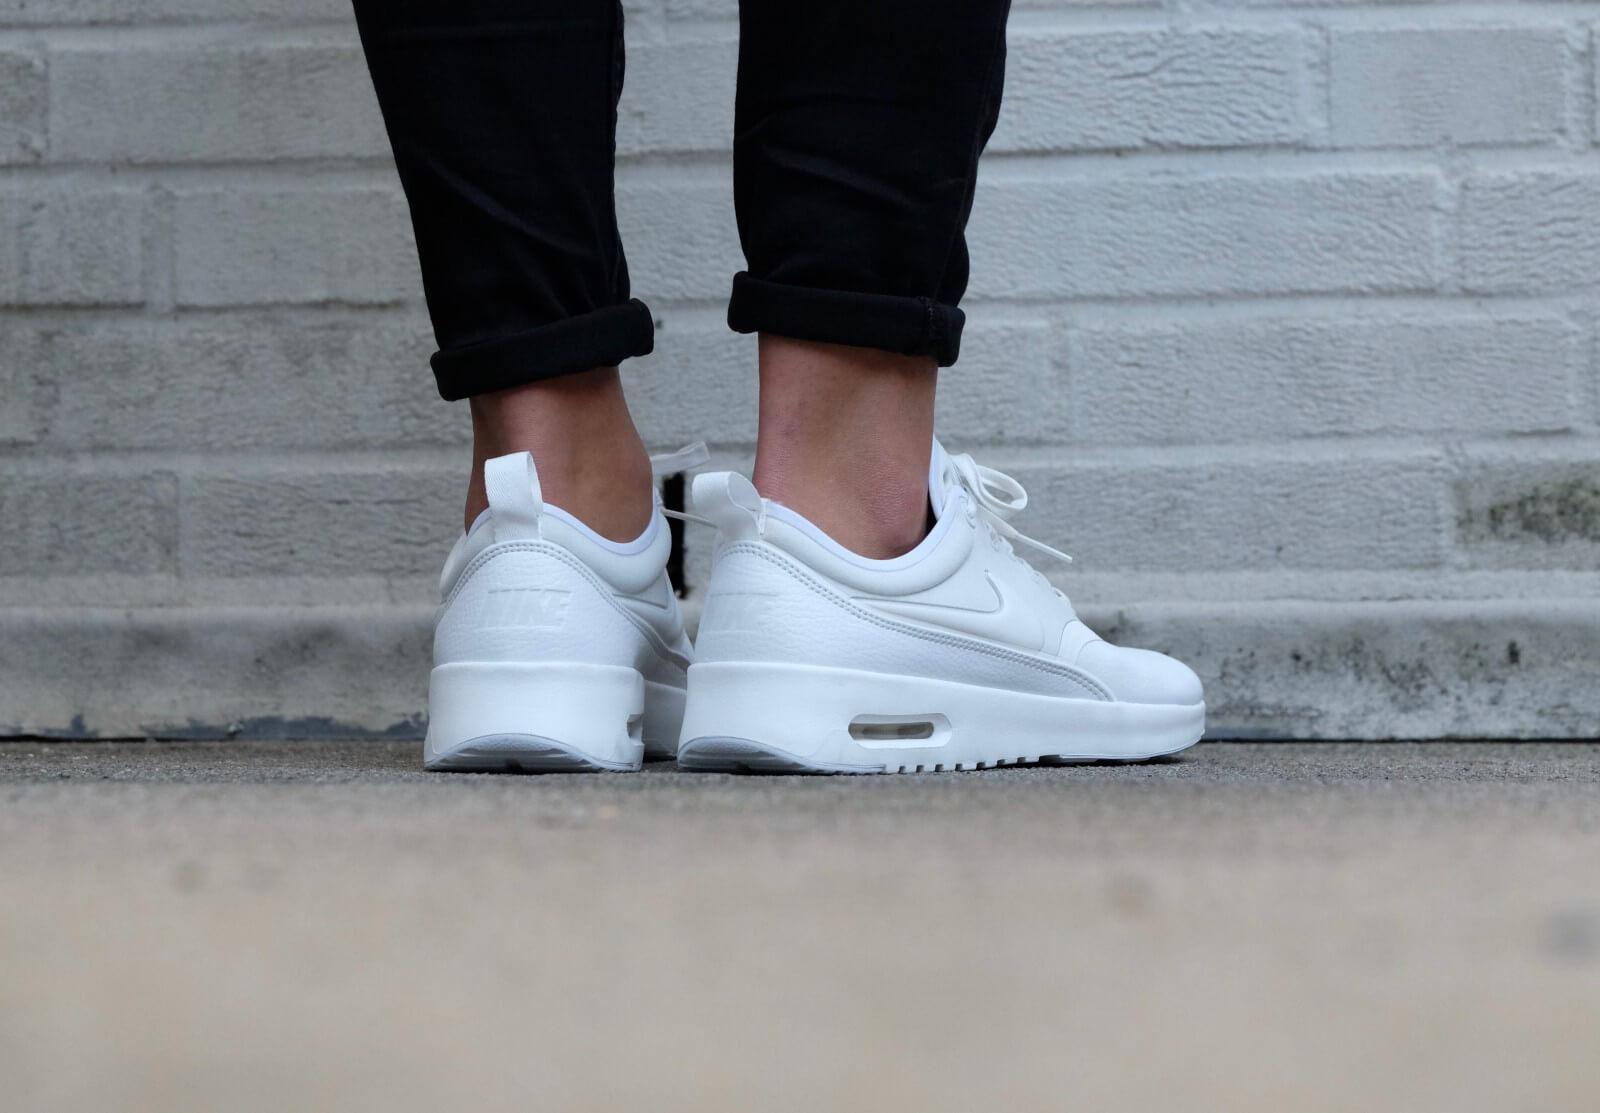 Nike Women's Air Max Thea Ultra Premium Low Top Sneakers